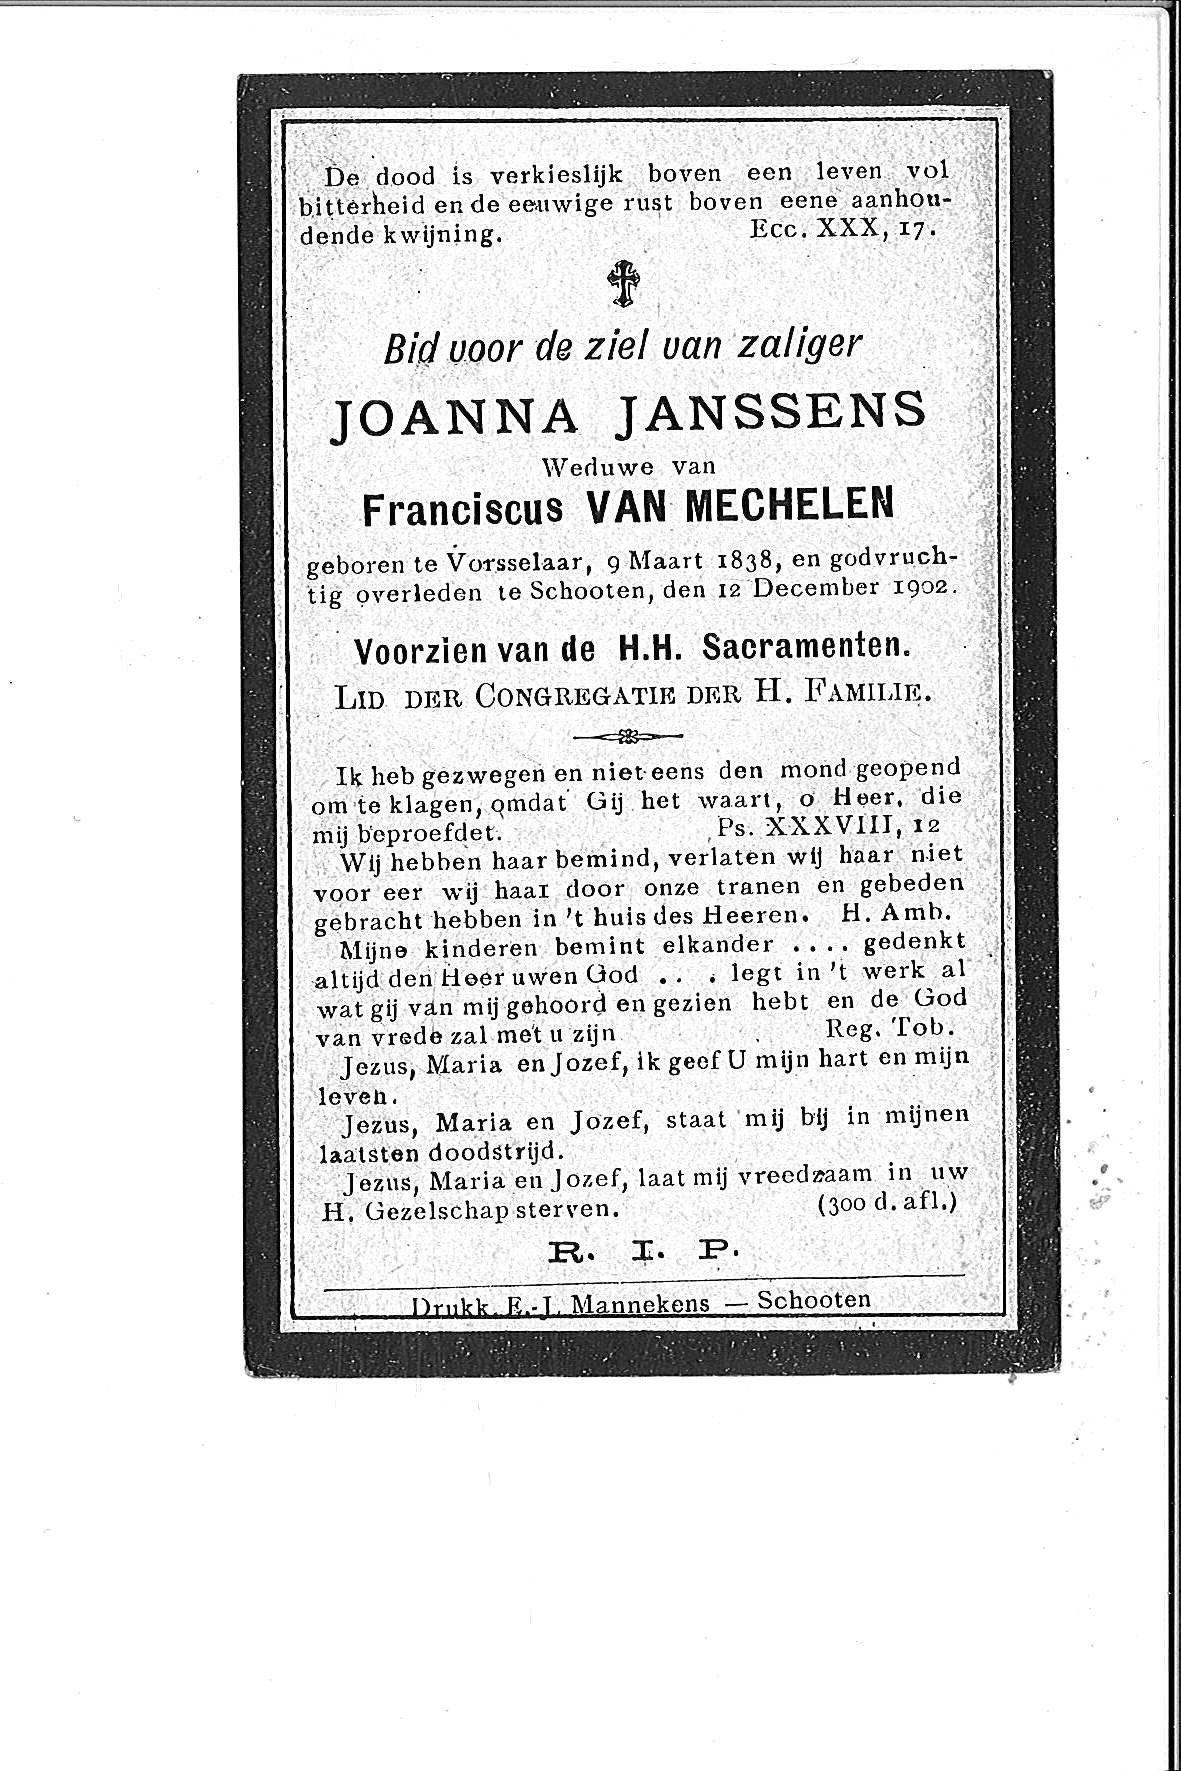 Joanna(1902)20150420104827_00008.jpg